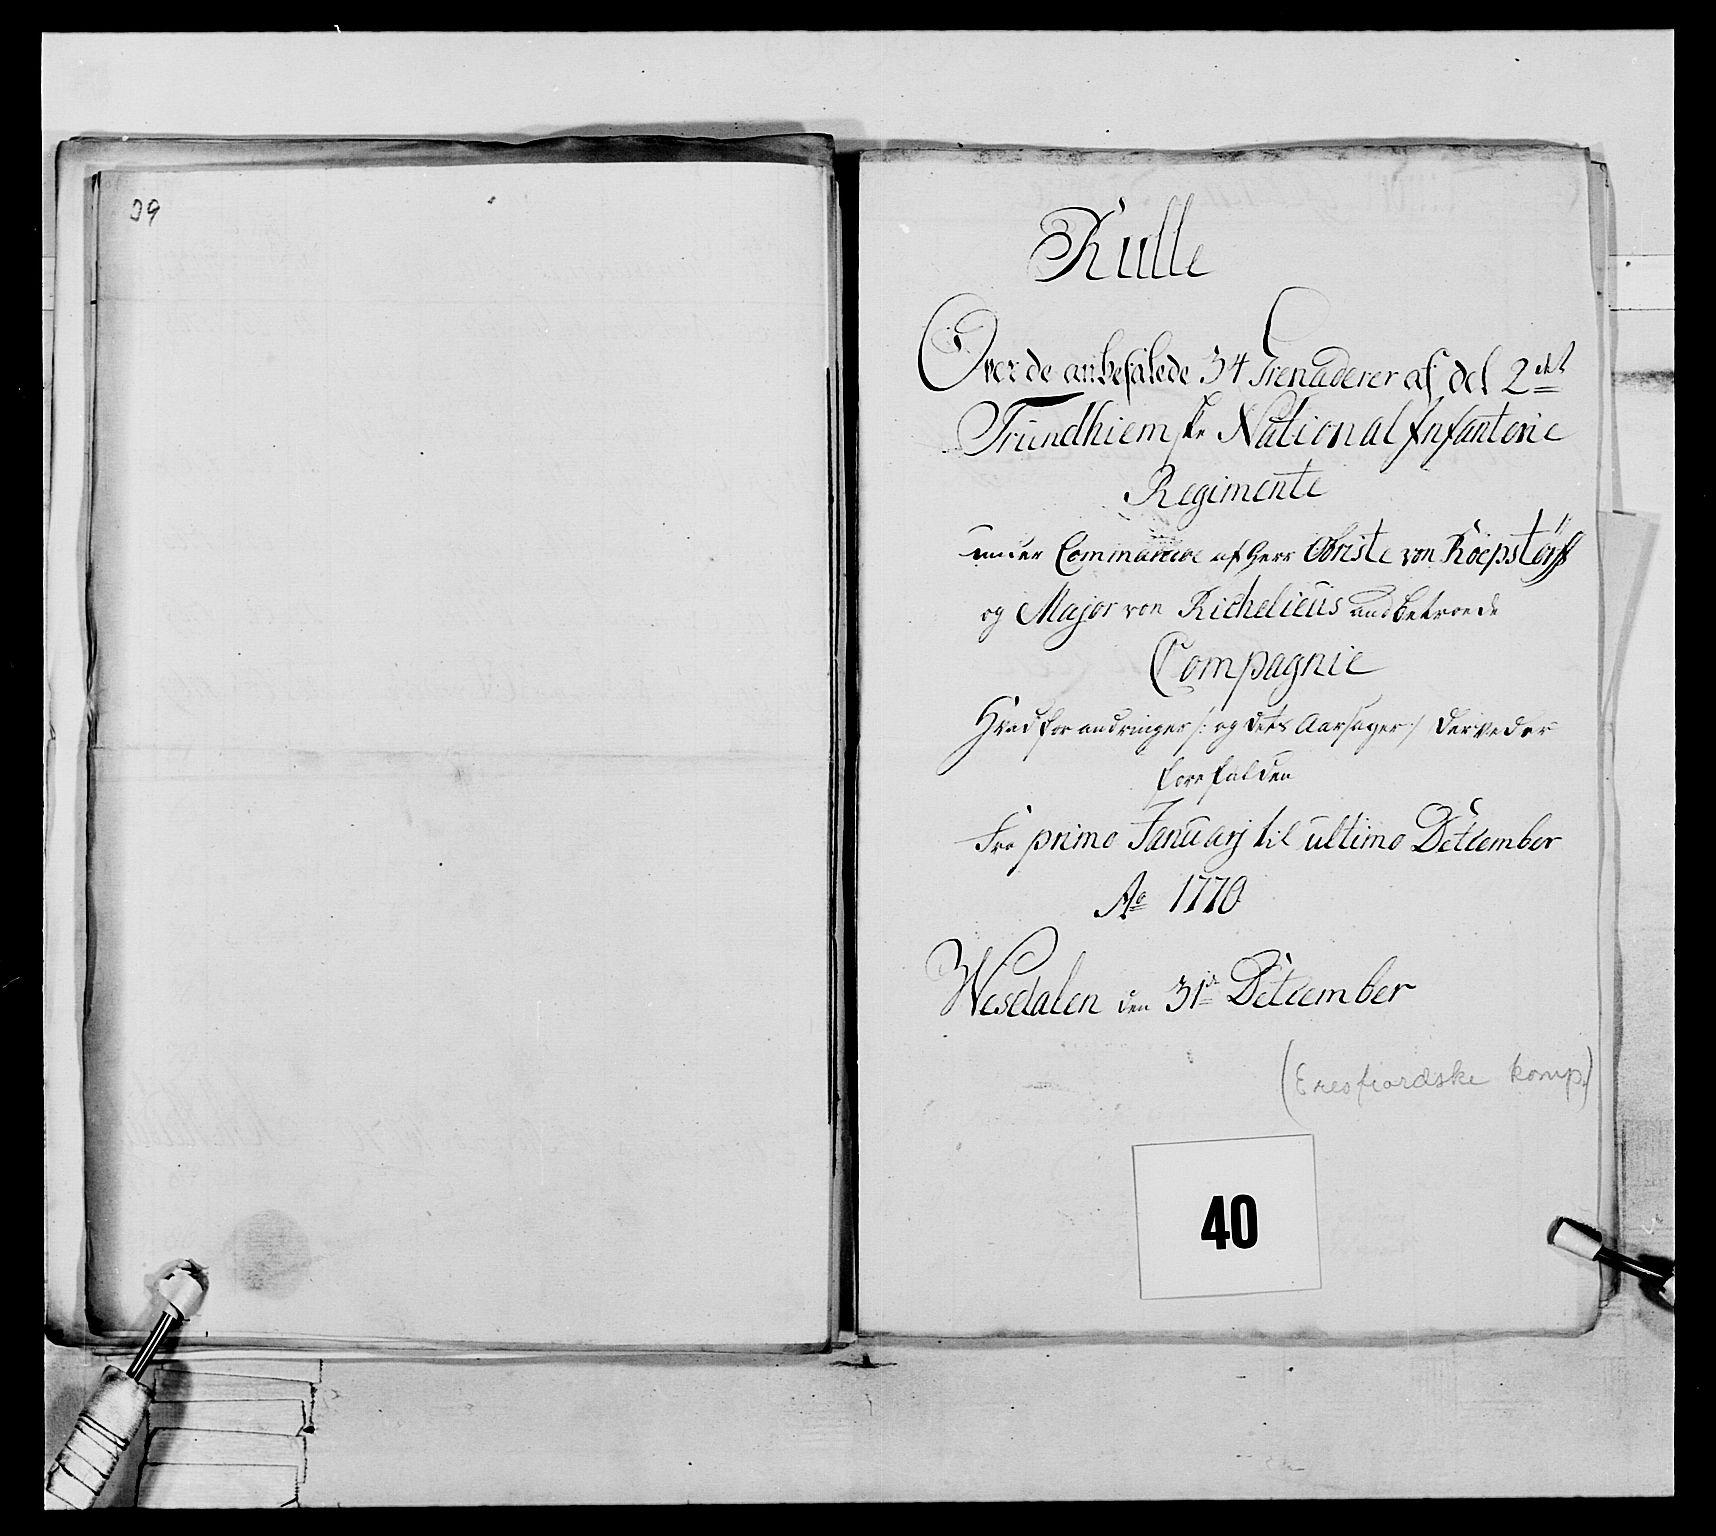 RA, Generalitets- og kommissariatskollegiet, Det kongelige norske kommissariatskollegium, E/Eh/L0076: 2. Trondheimske nasjonale infanteriregiment, 1766-1773, s. 123